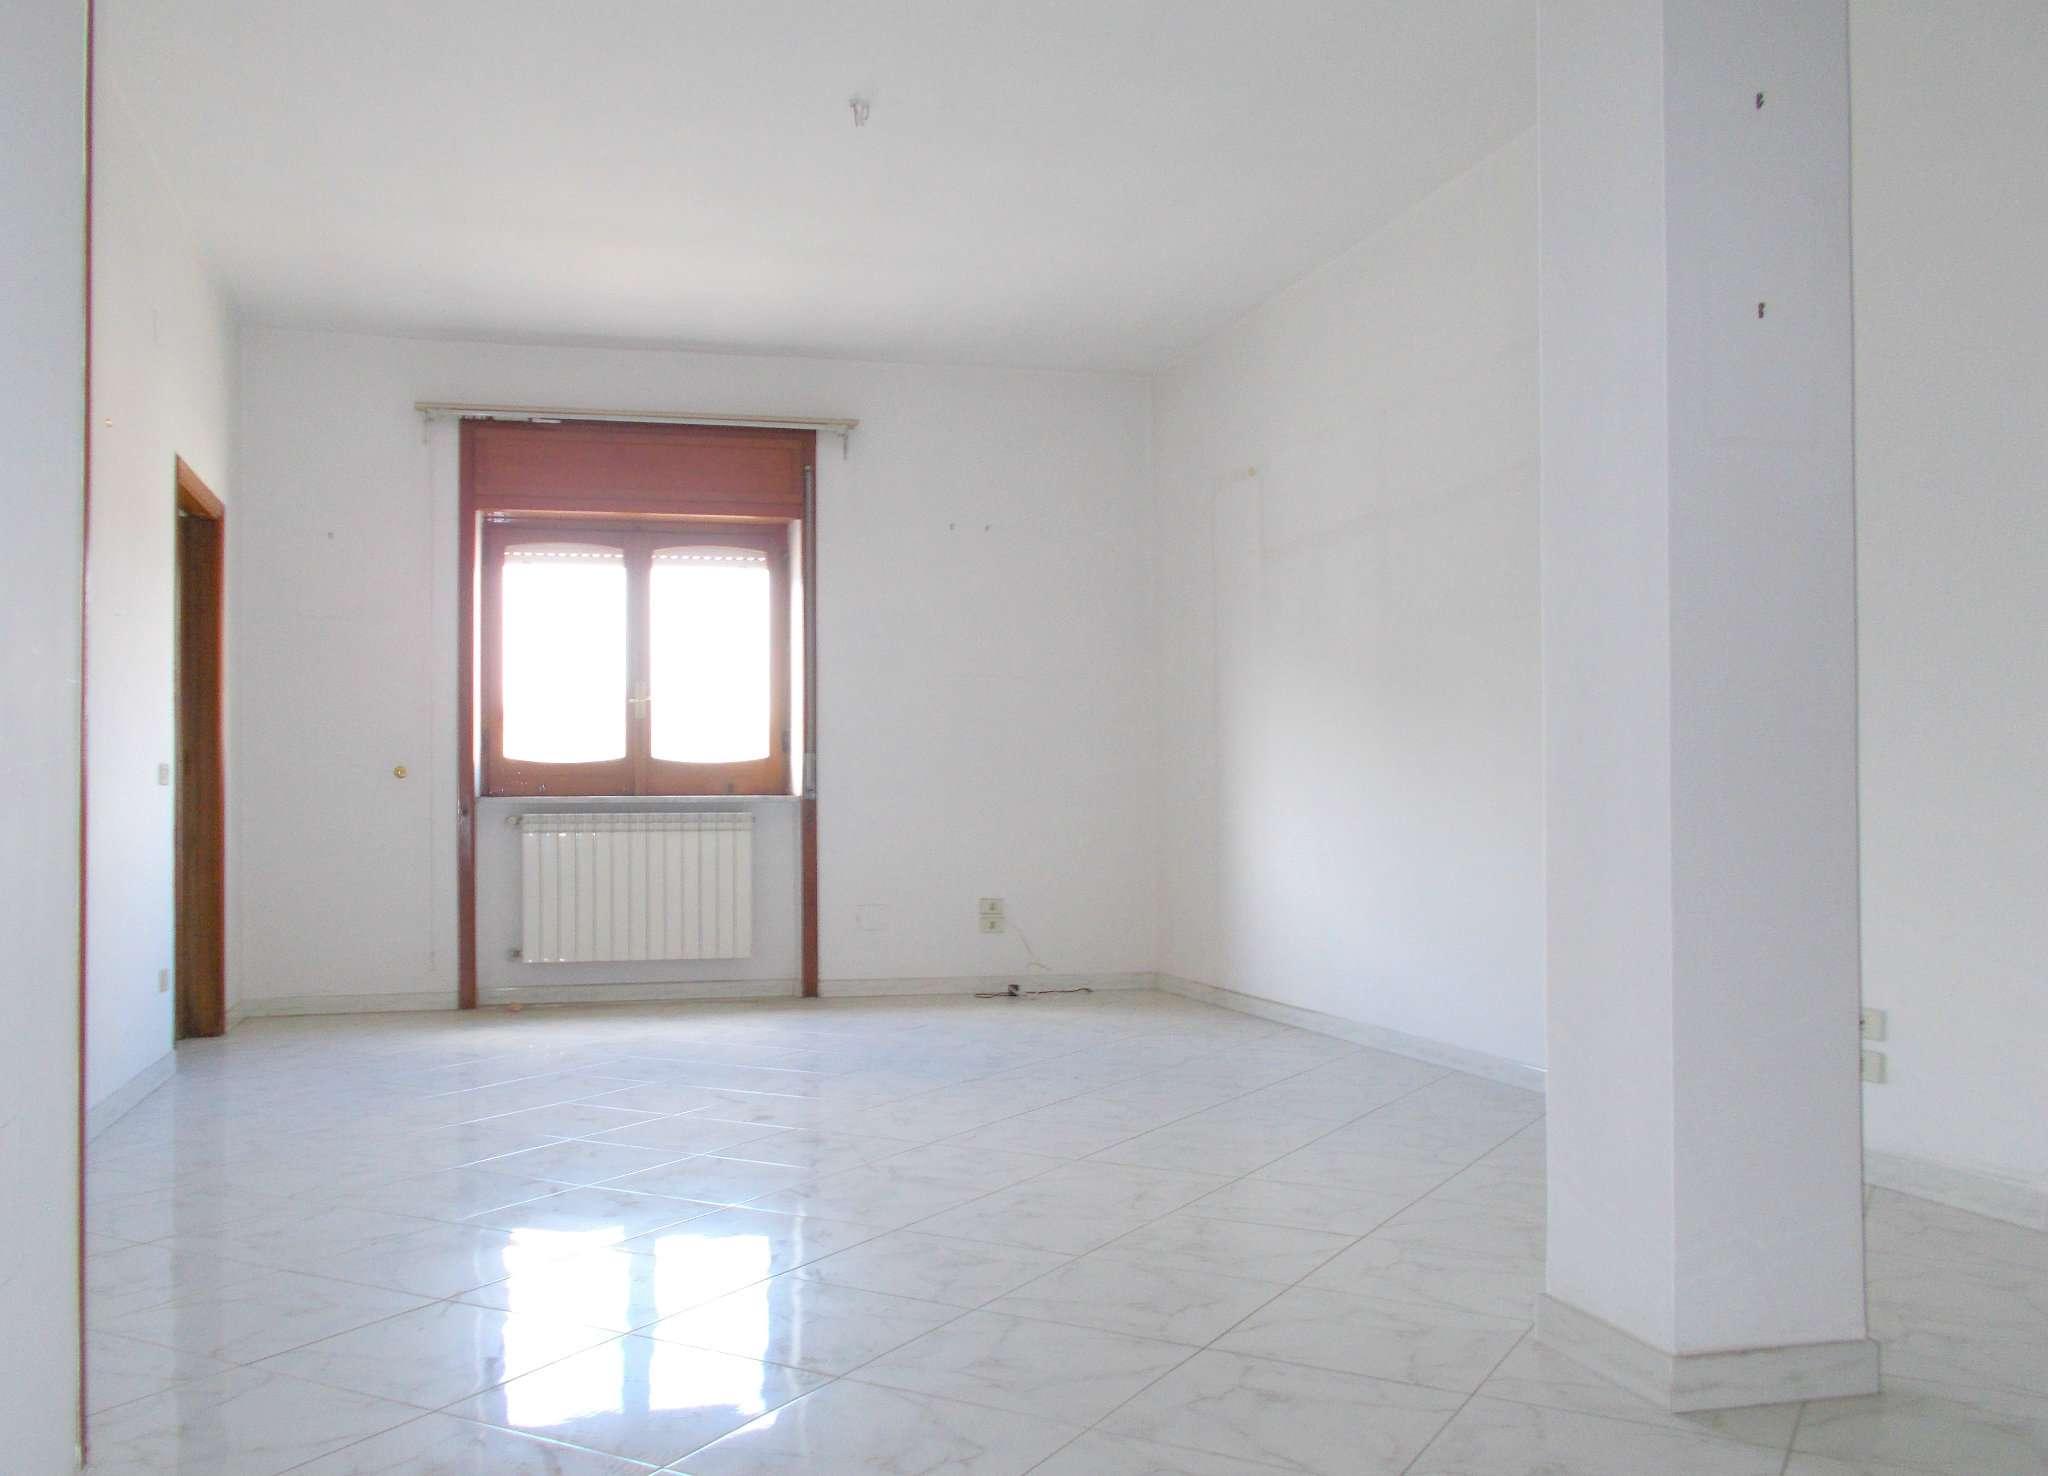 Appartamento in affitto a Santa Maria a Vico, 6 locali, prezzo € 300 | Cambio Casa.it